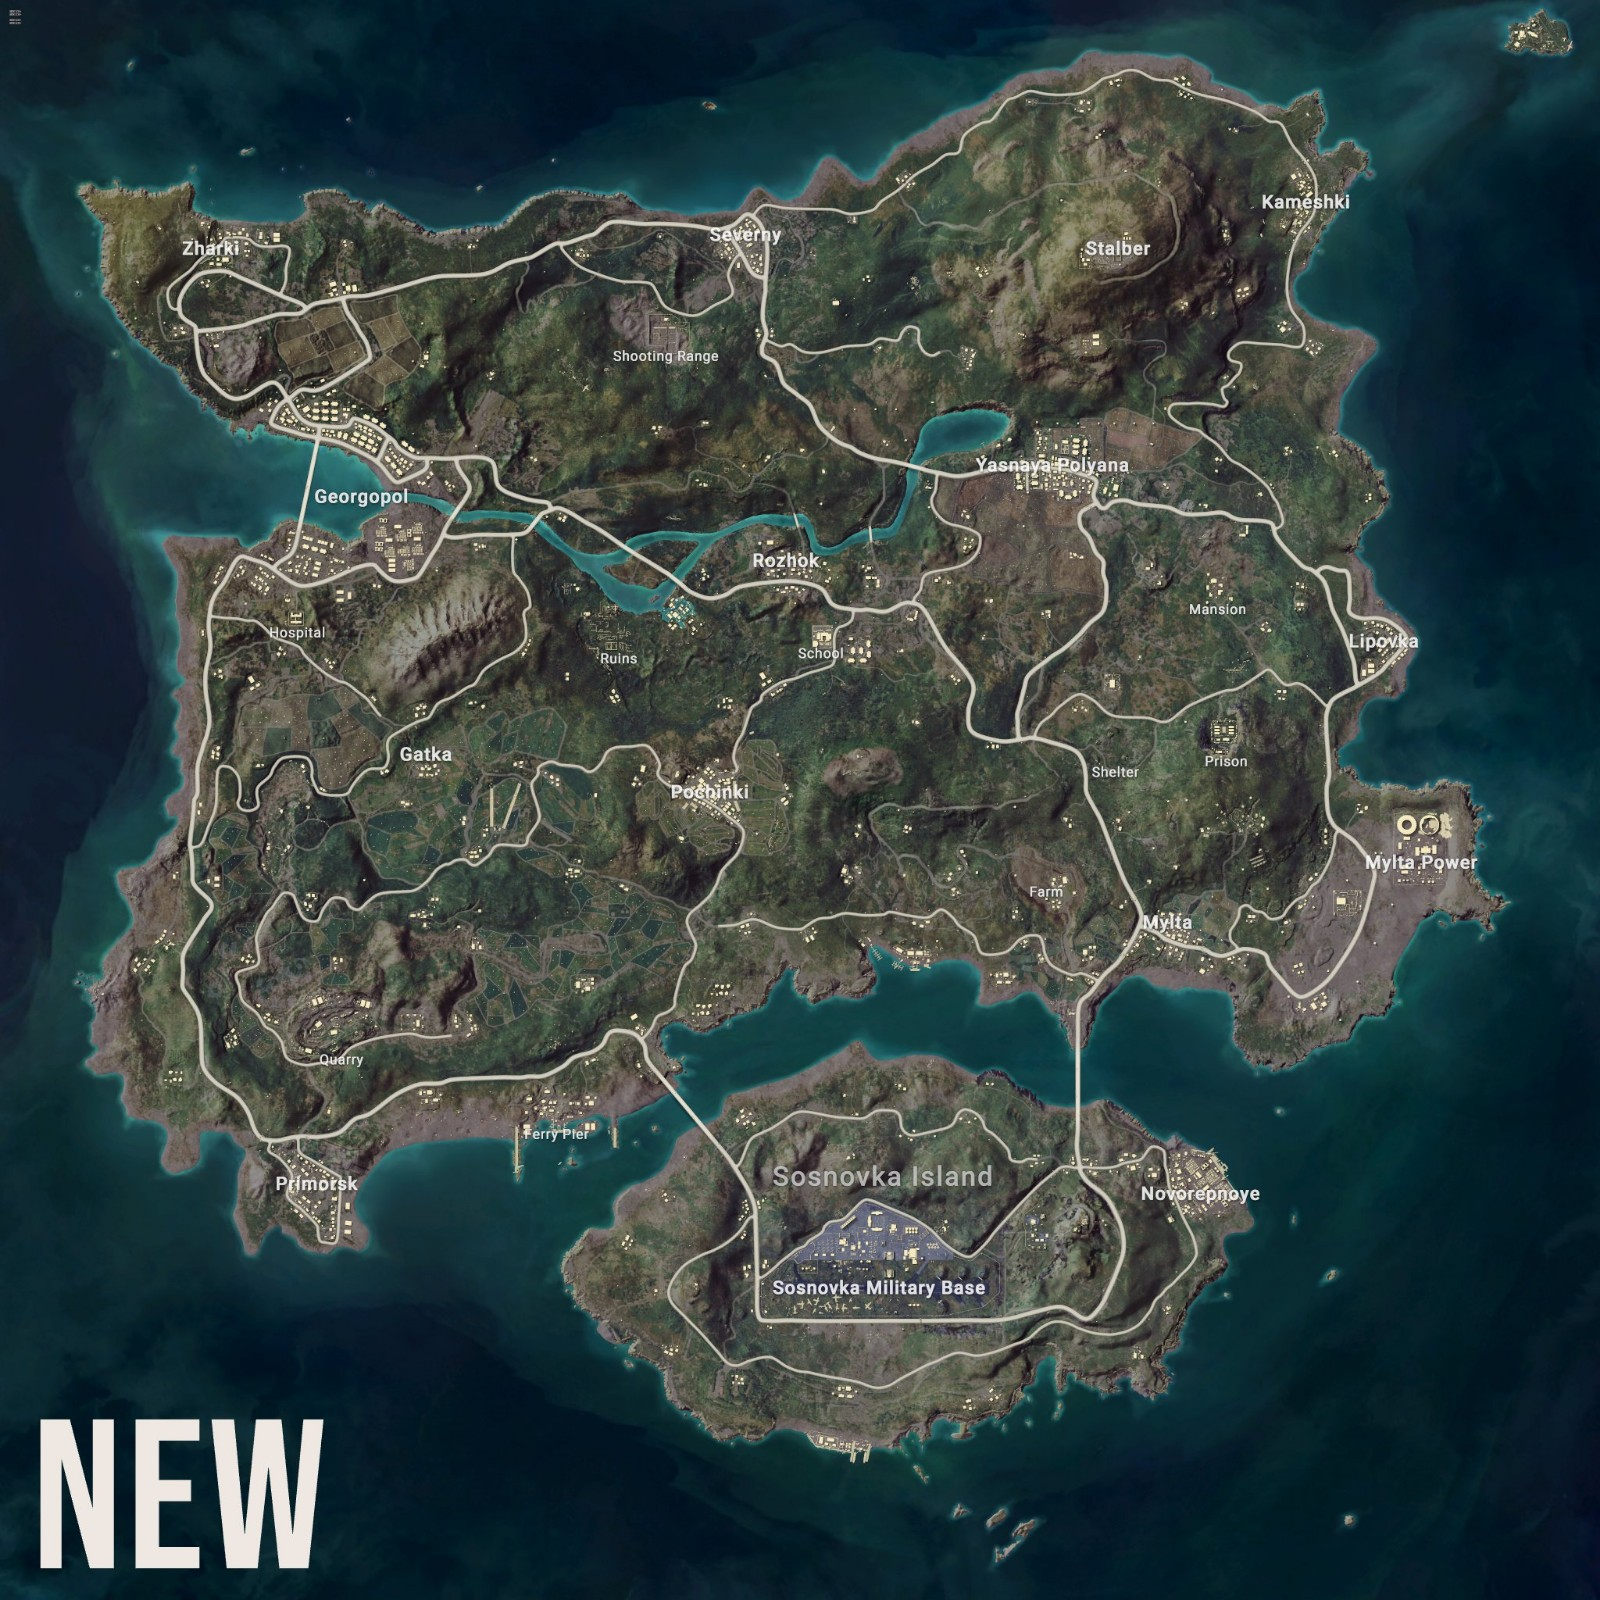 艾伦格加入诸多新码头 新旧对比你能找出不同吗?